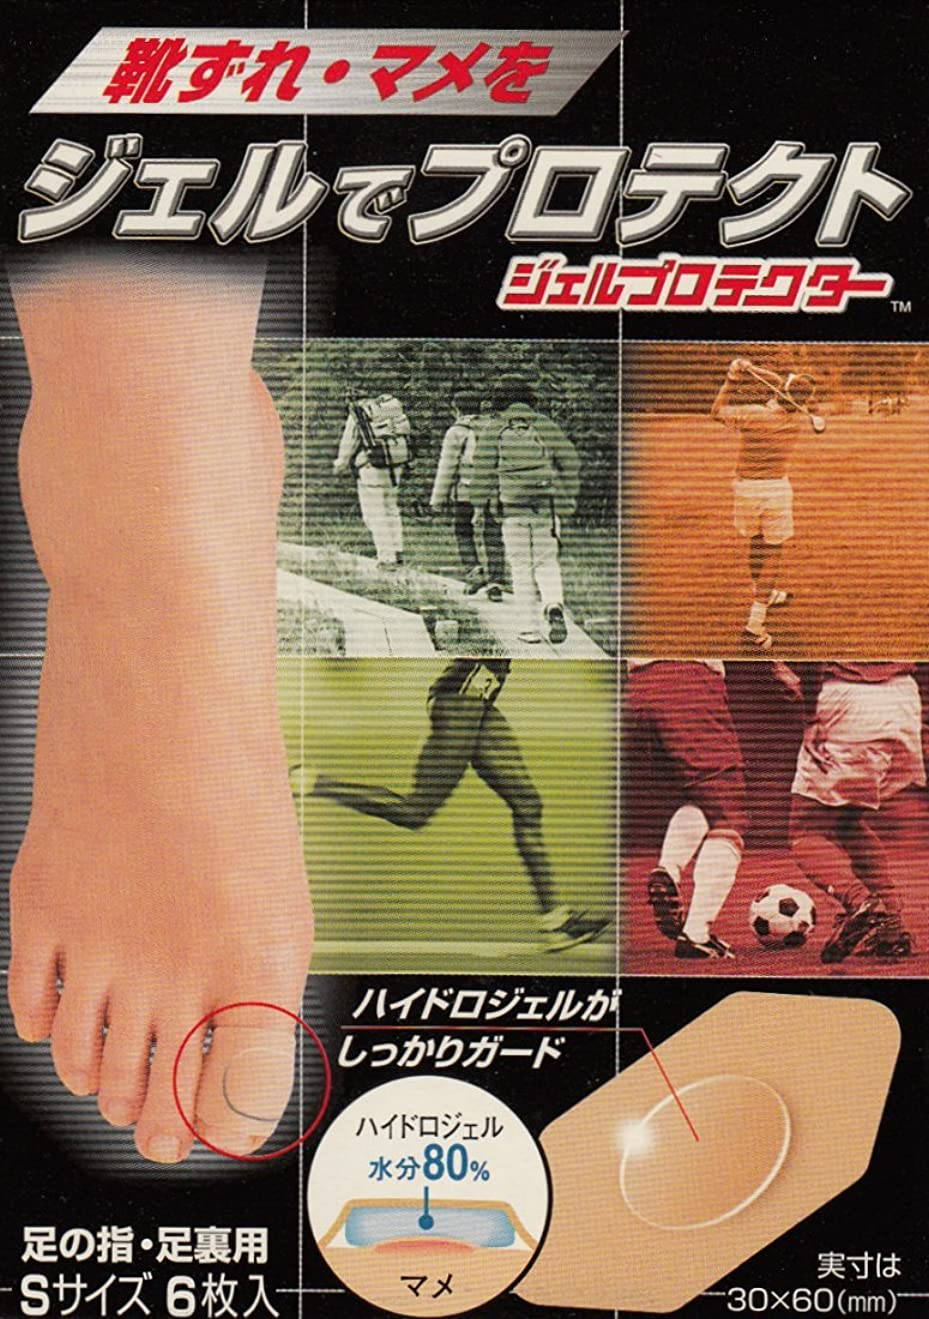 備品過度のパノラマ【ニチバン】バトルウィン ジェルプロテクター 足の指?足裏用 Sサイズ6枚 ×3個セット